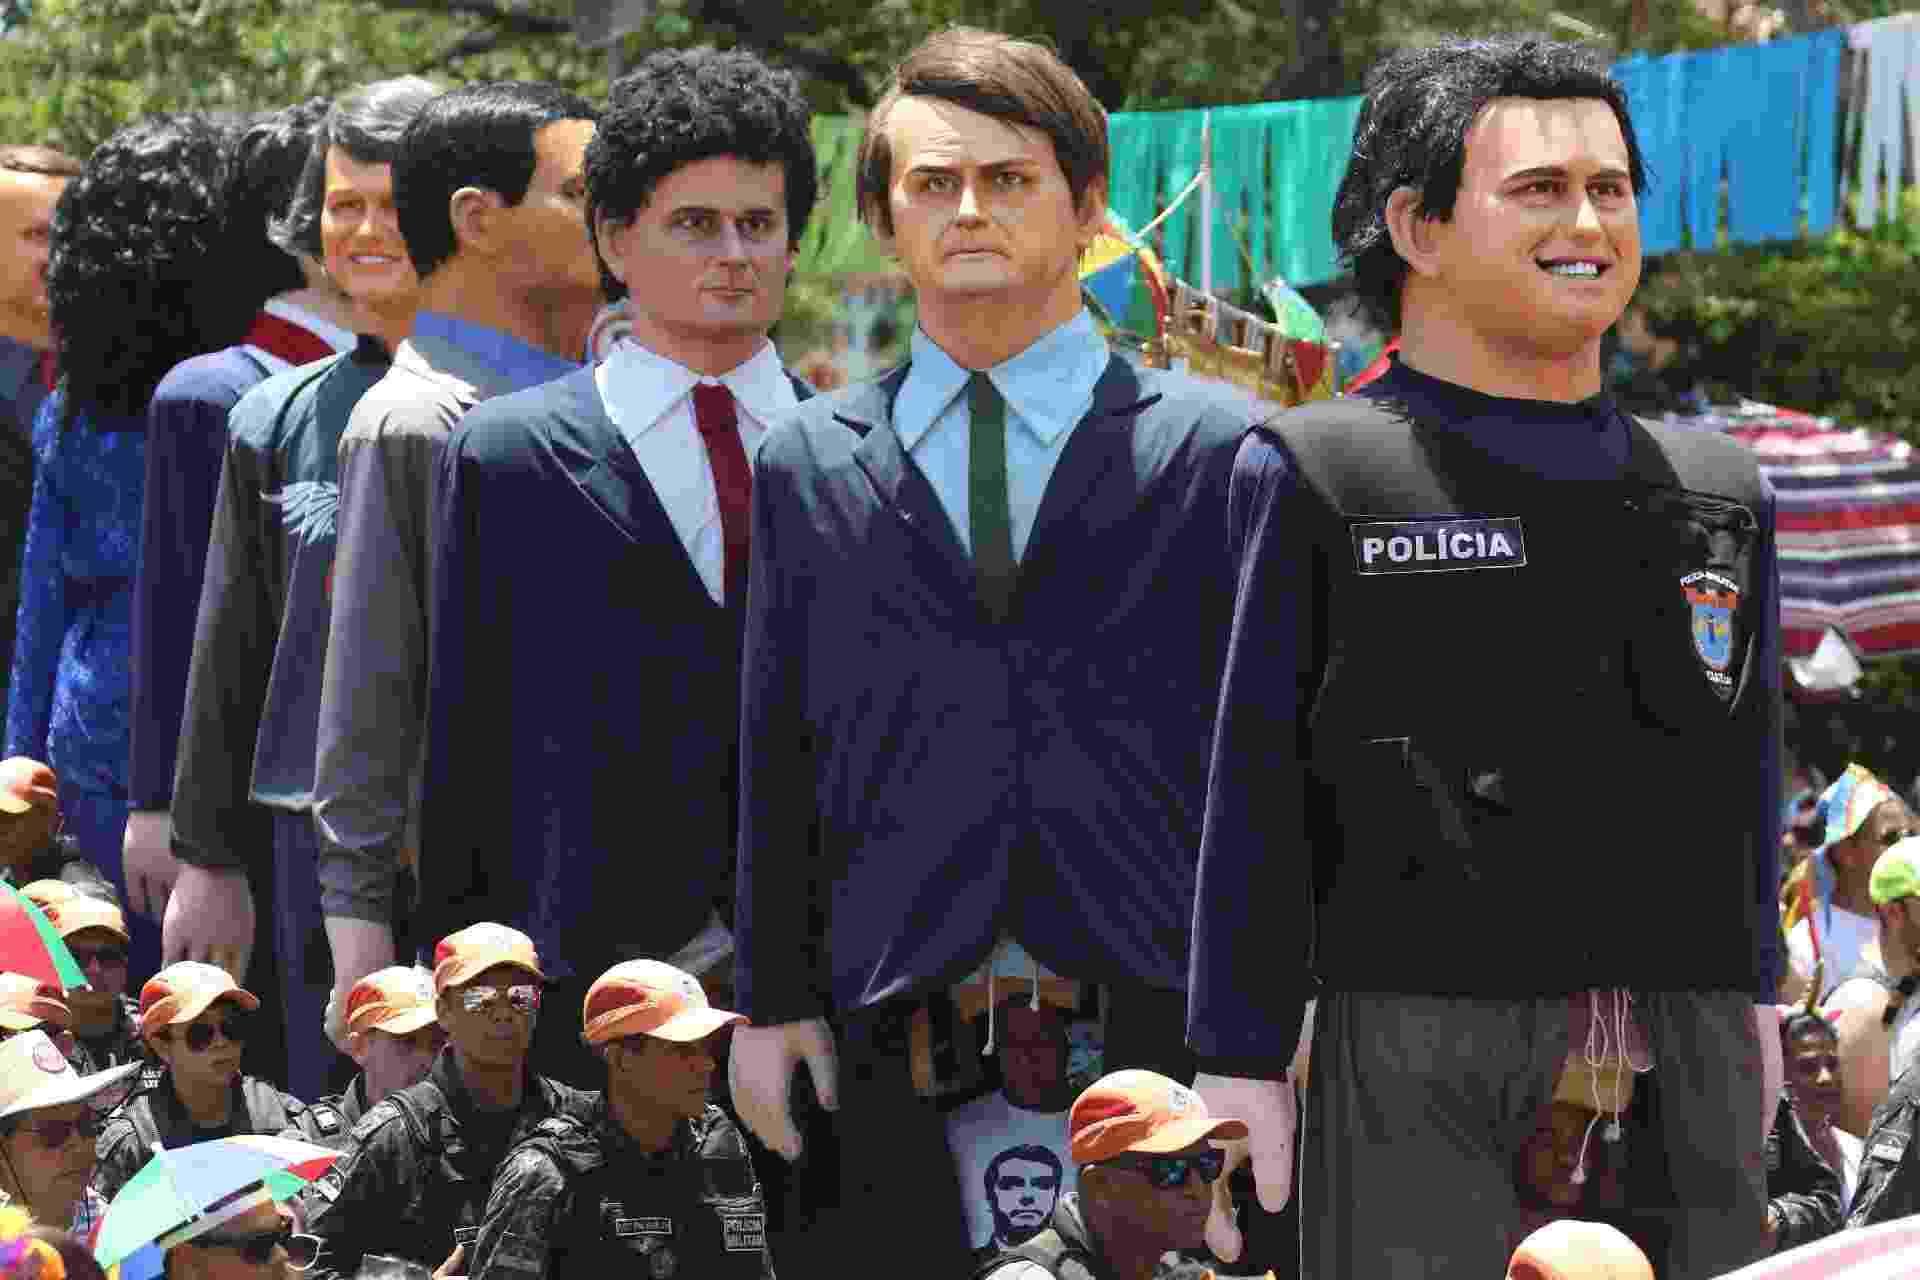 Apoteose dos Bonecos Gigantes da Embaixada de Olinda e Recife, hoje, mostra versões de Jair Bolsonaro, Sergio Moro e outras personalidades -  MARLON COSTA/FUTURA PRESS/ESTADÃO CONTEÚDO